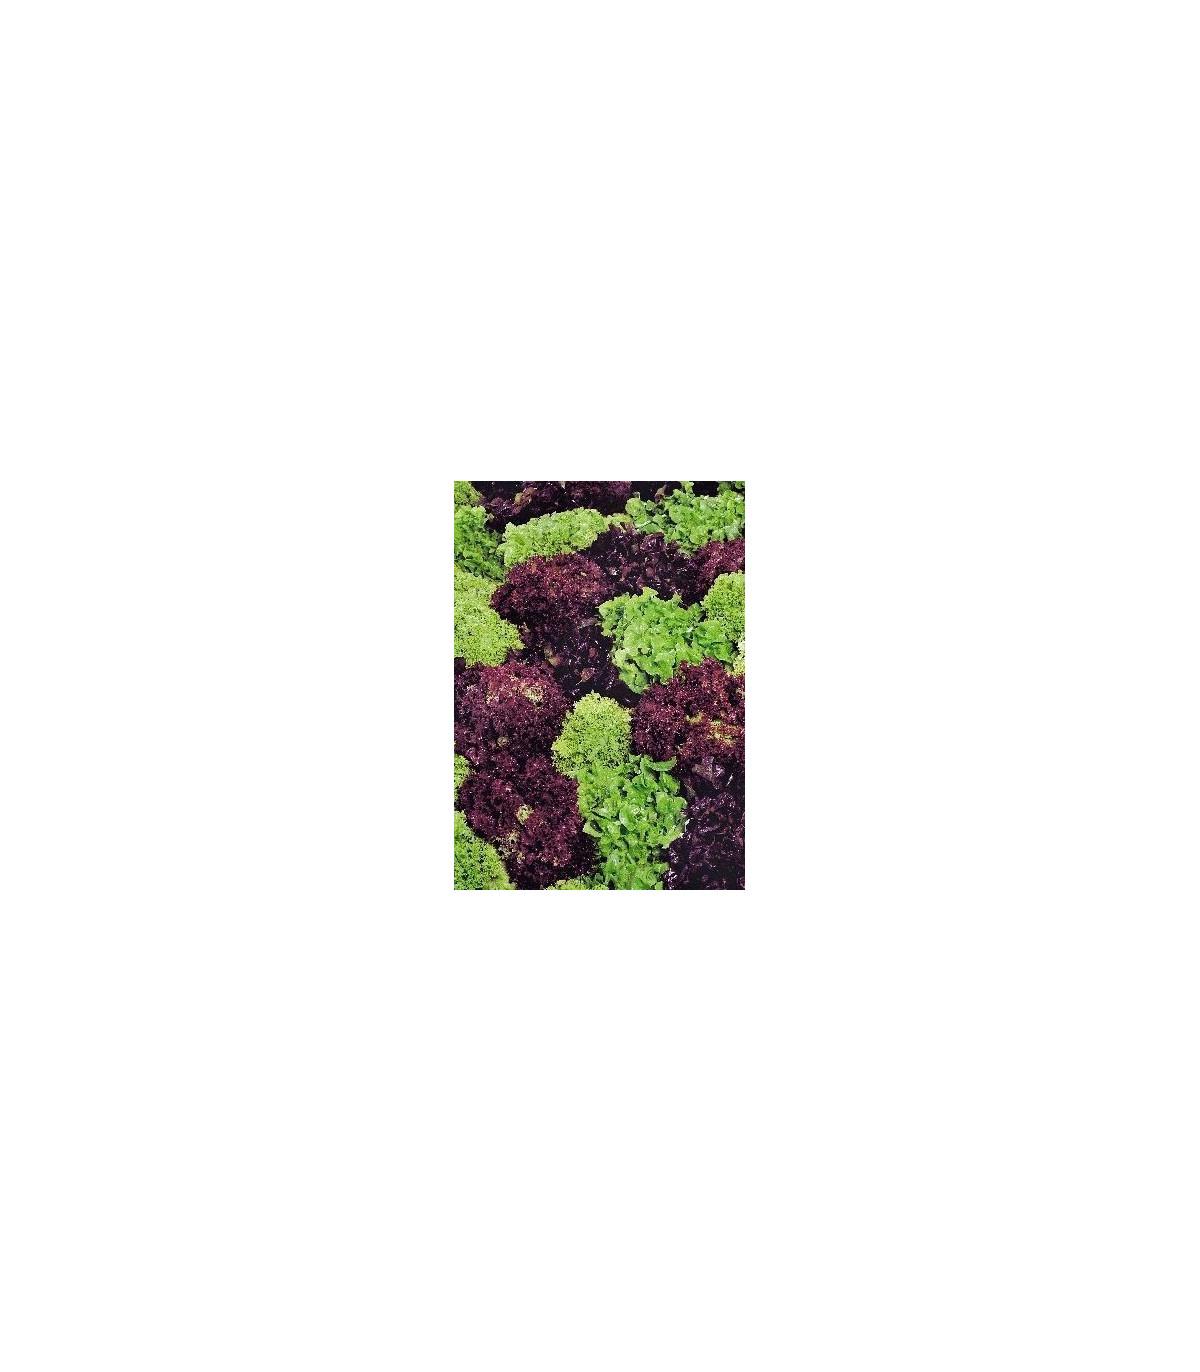 Šalát kučeravý - Fitness mix - Lactuca sativa - 100 ks